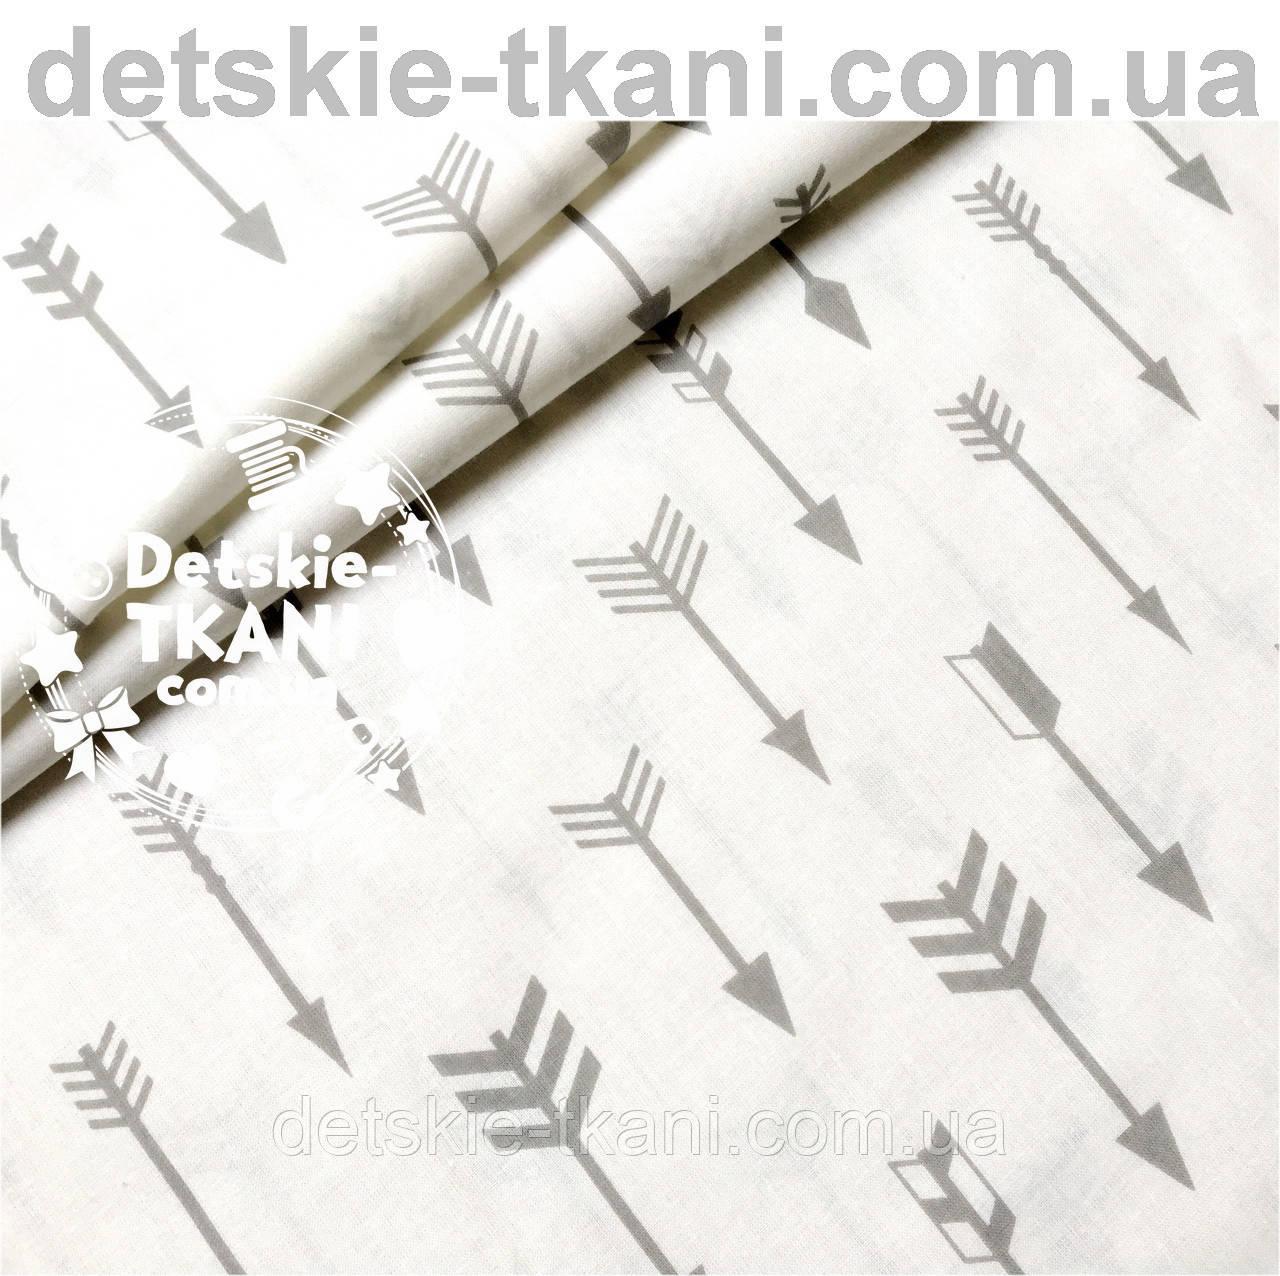 Ткань бязь с серыми стрелами  на белом фоне (№ 577а)